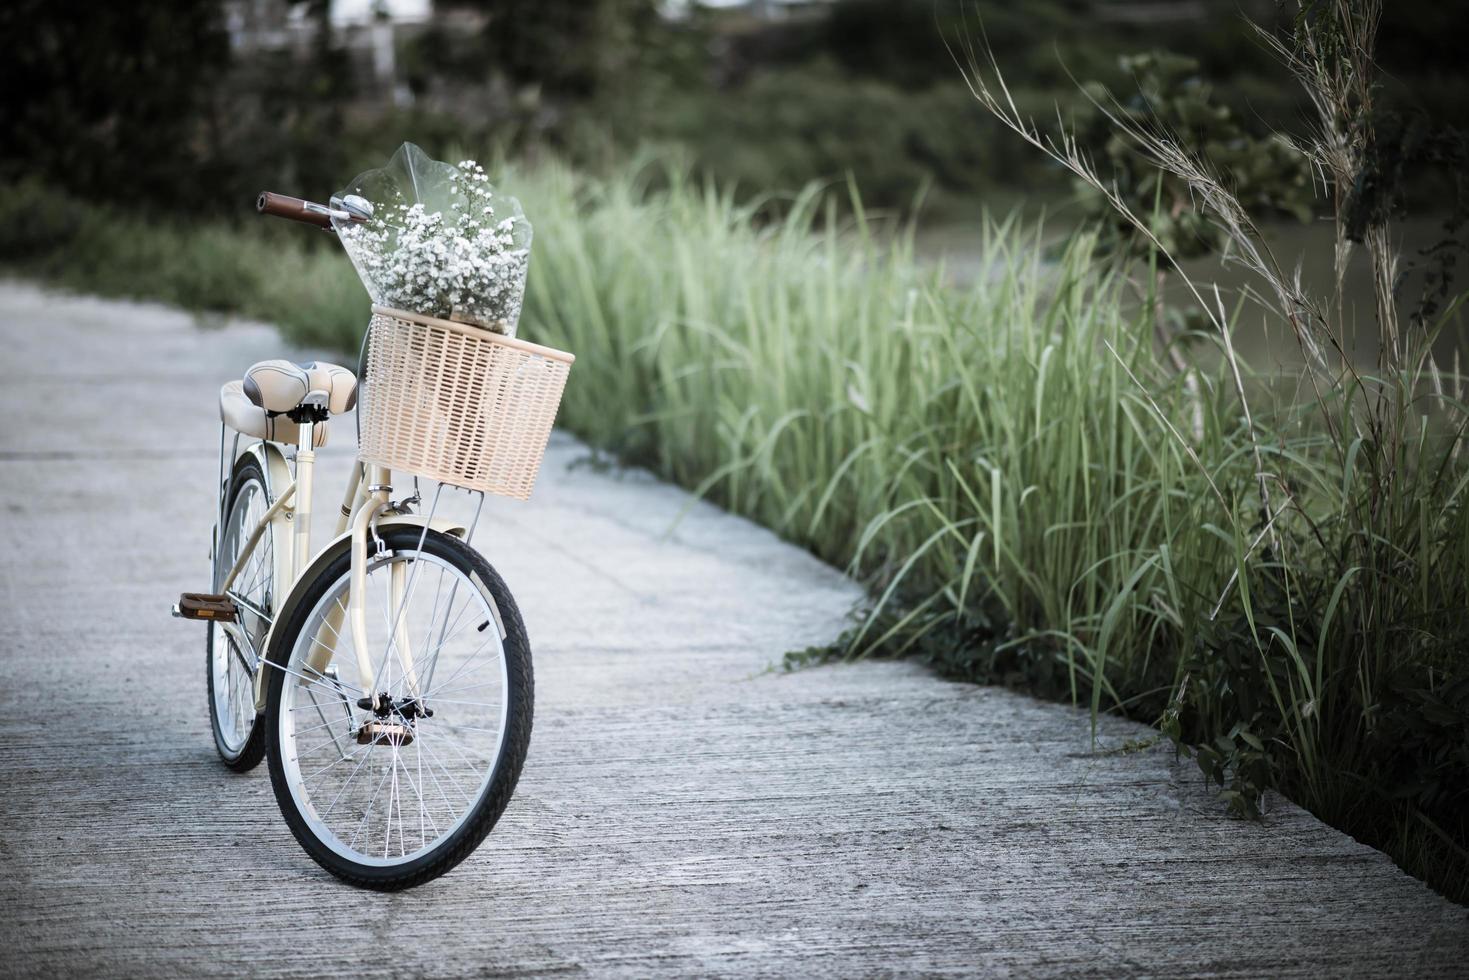 fiets geparkeerd op straat in het park foto